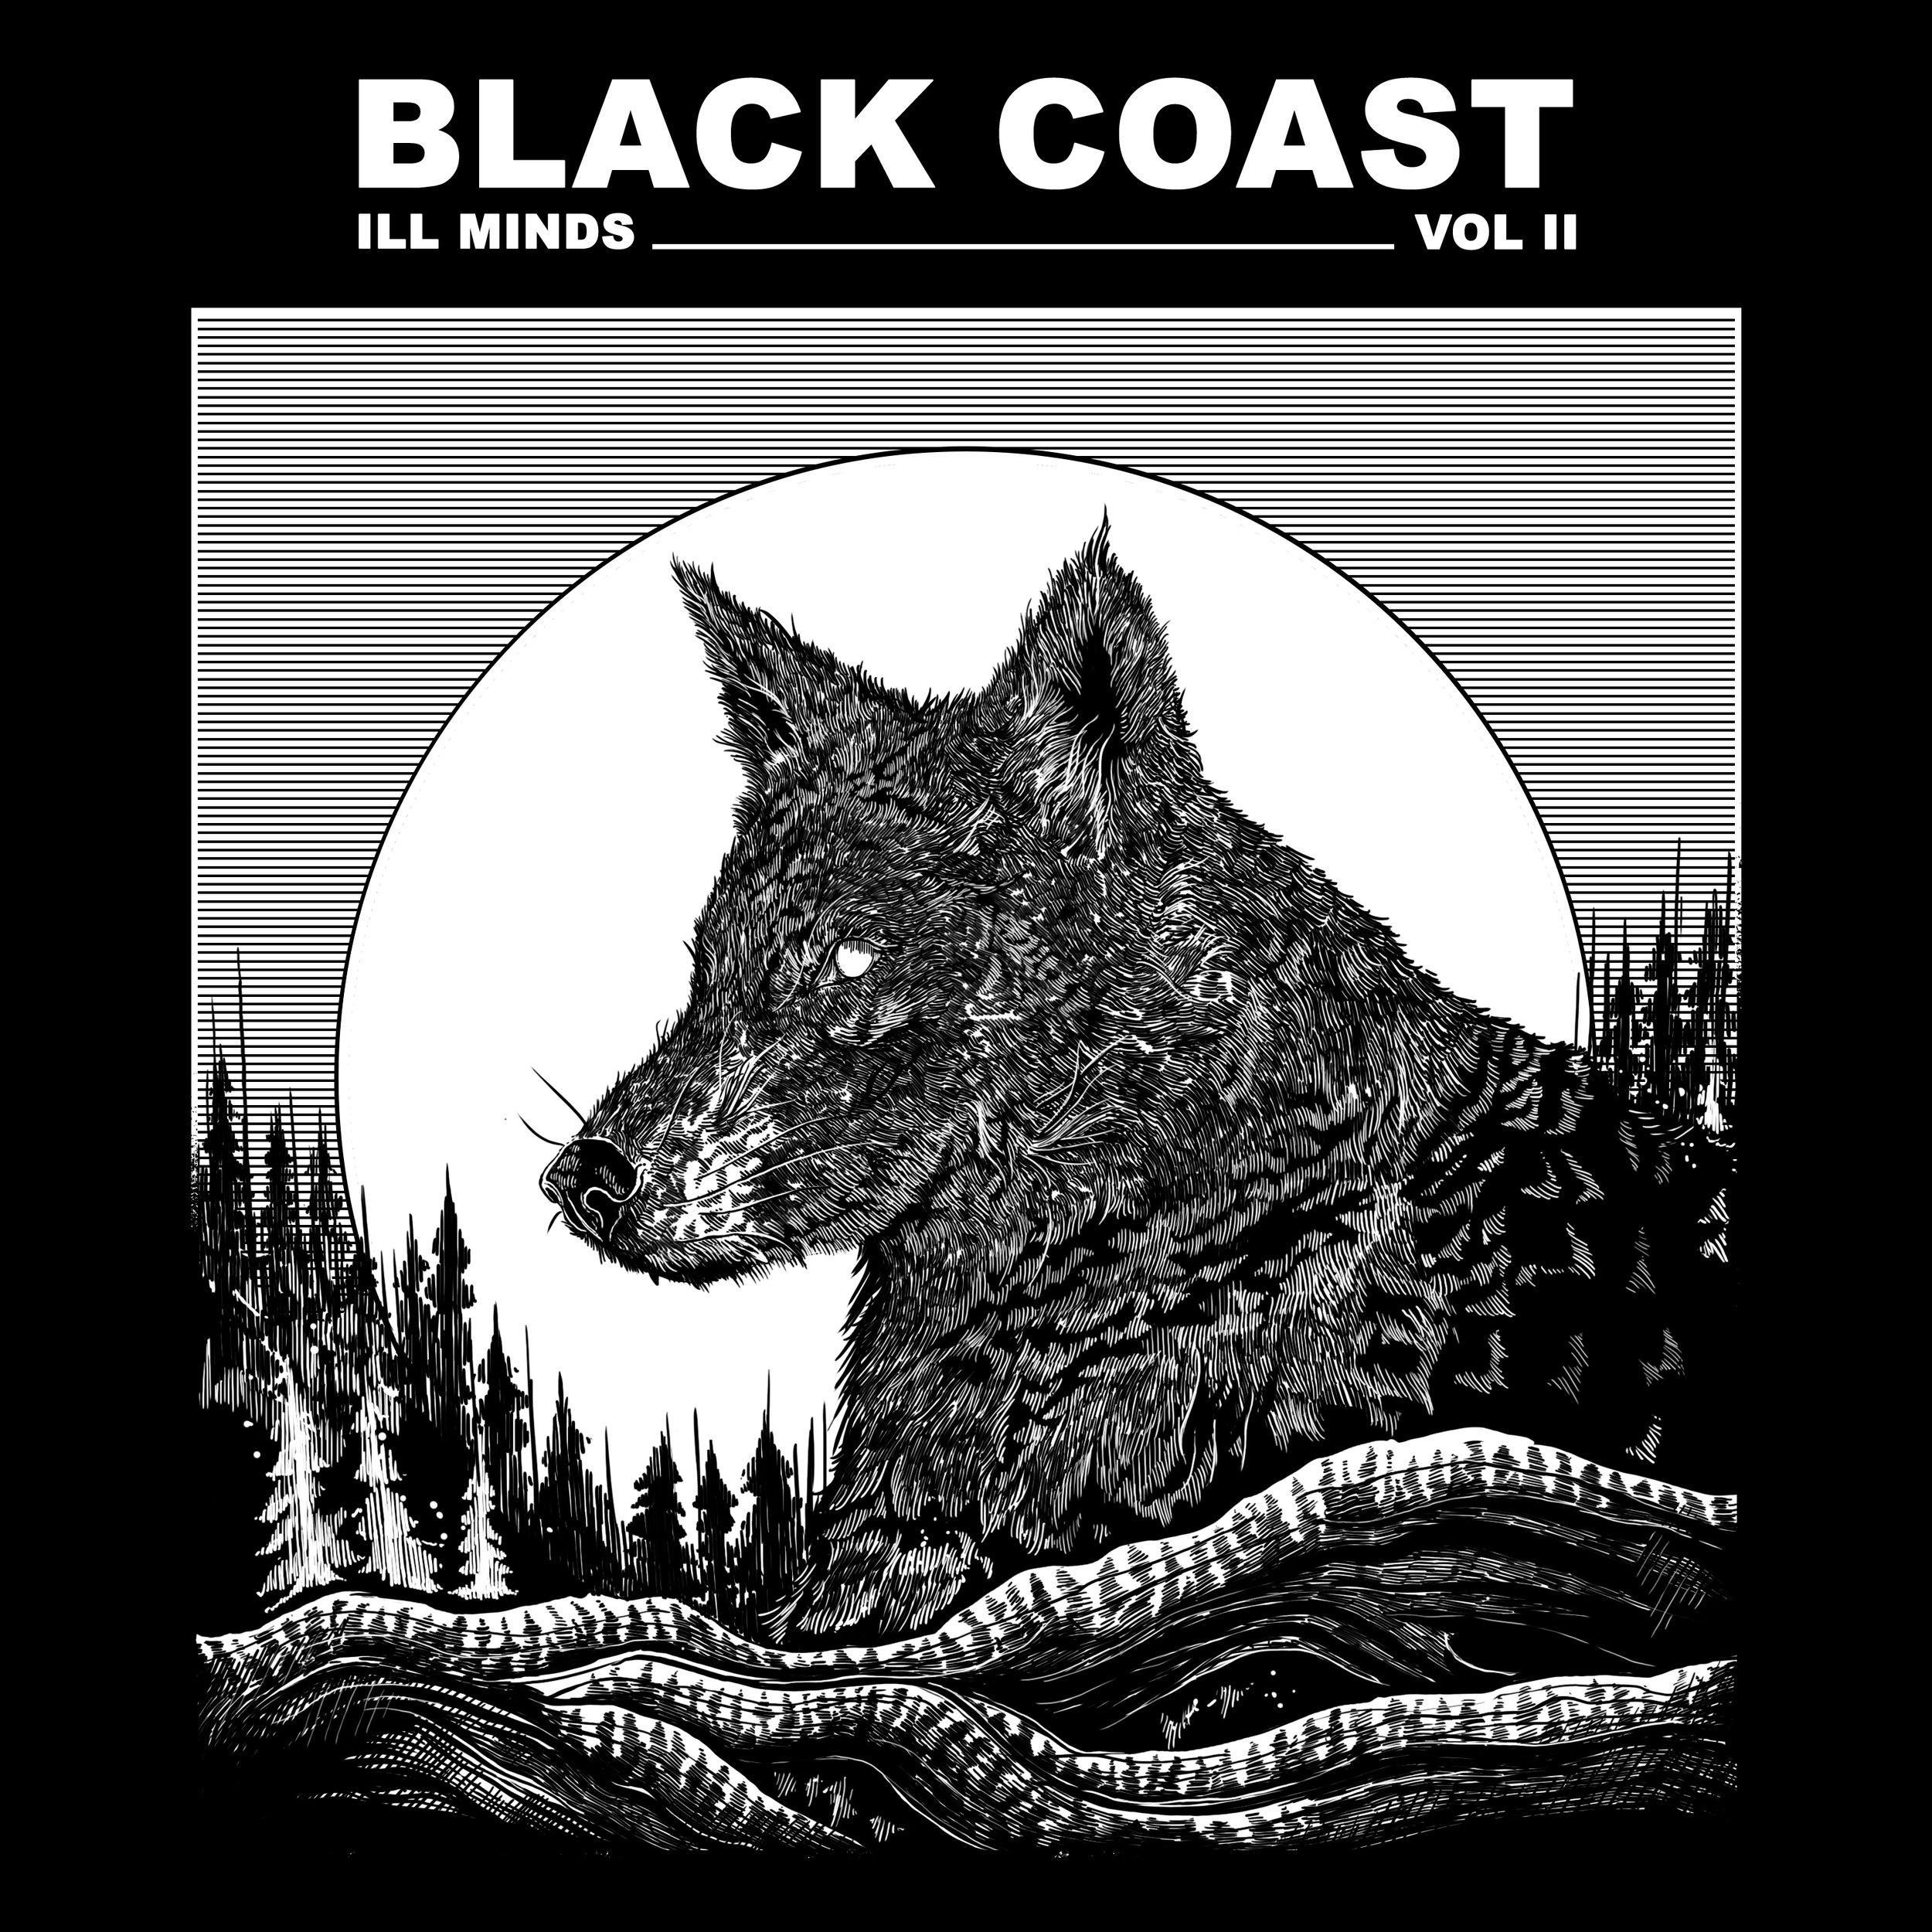 blackcoast_IM2.jpg